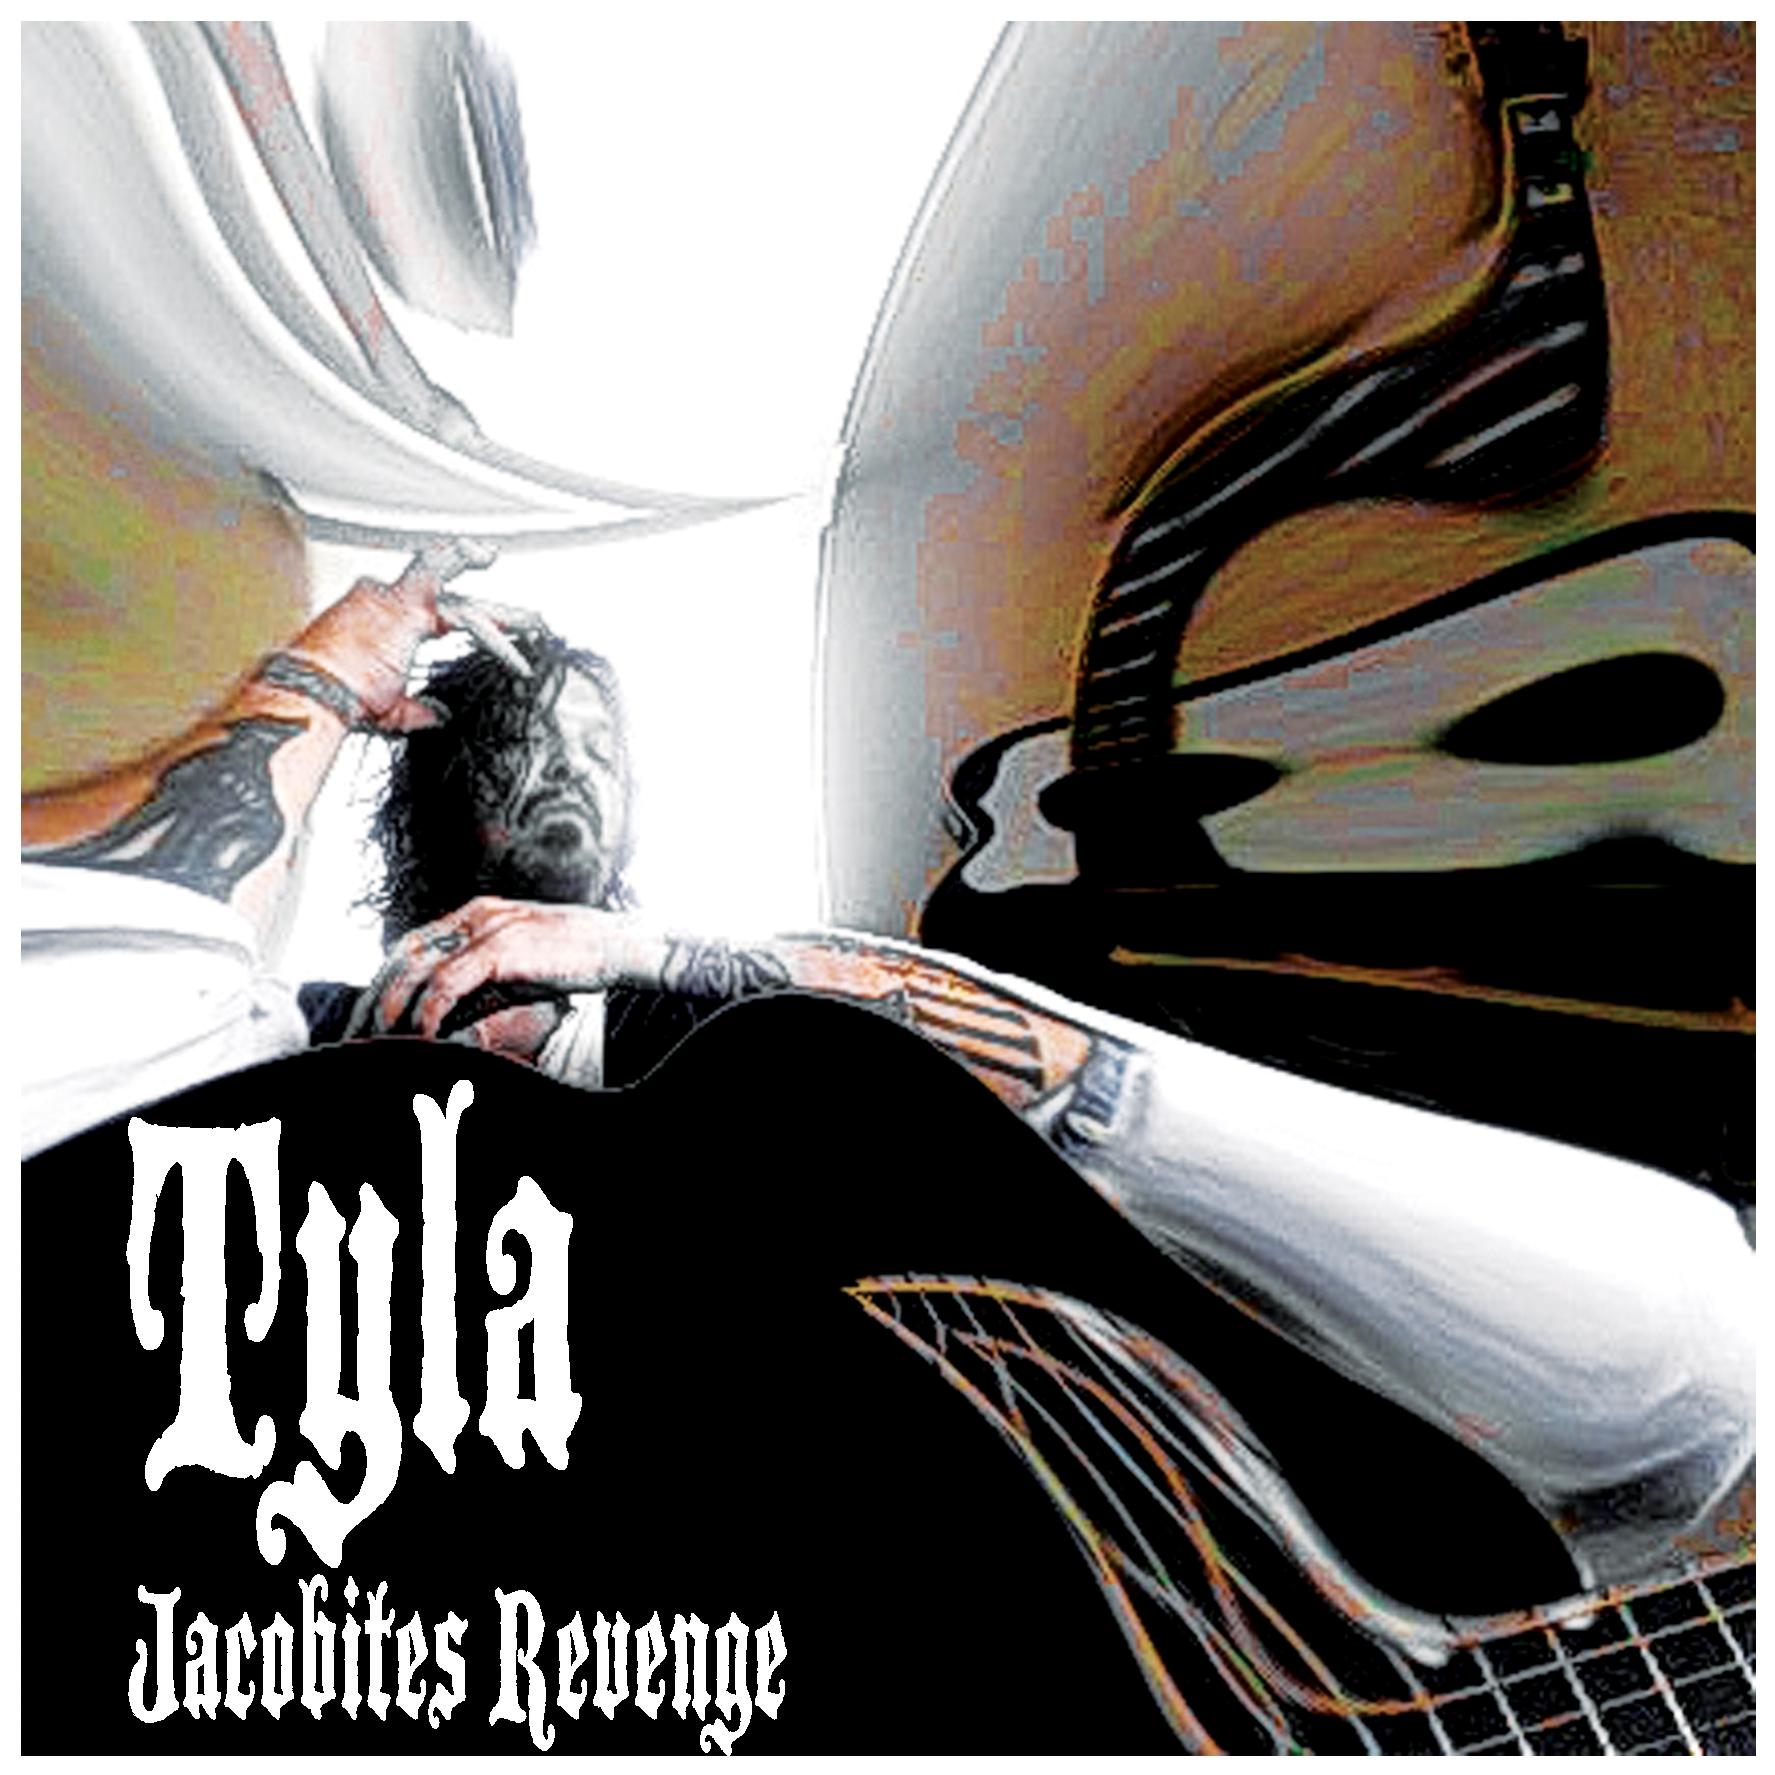 Tyla - Jacobites Revenge